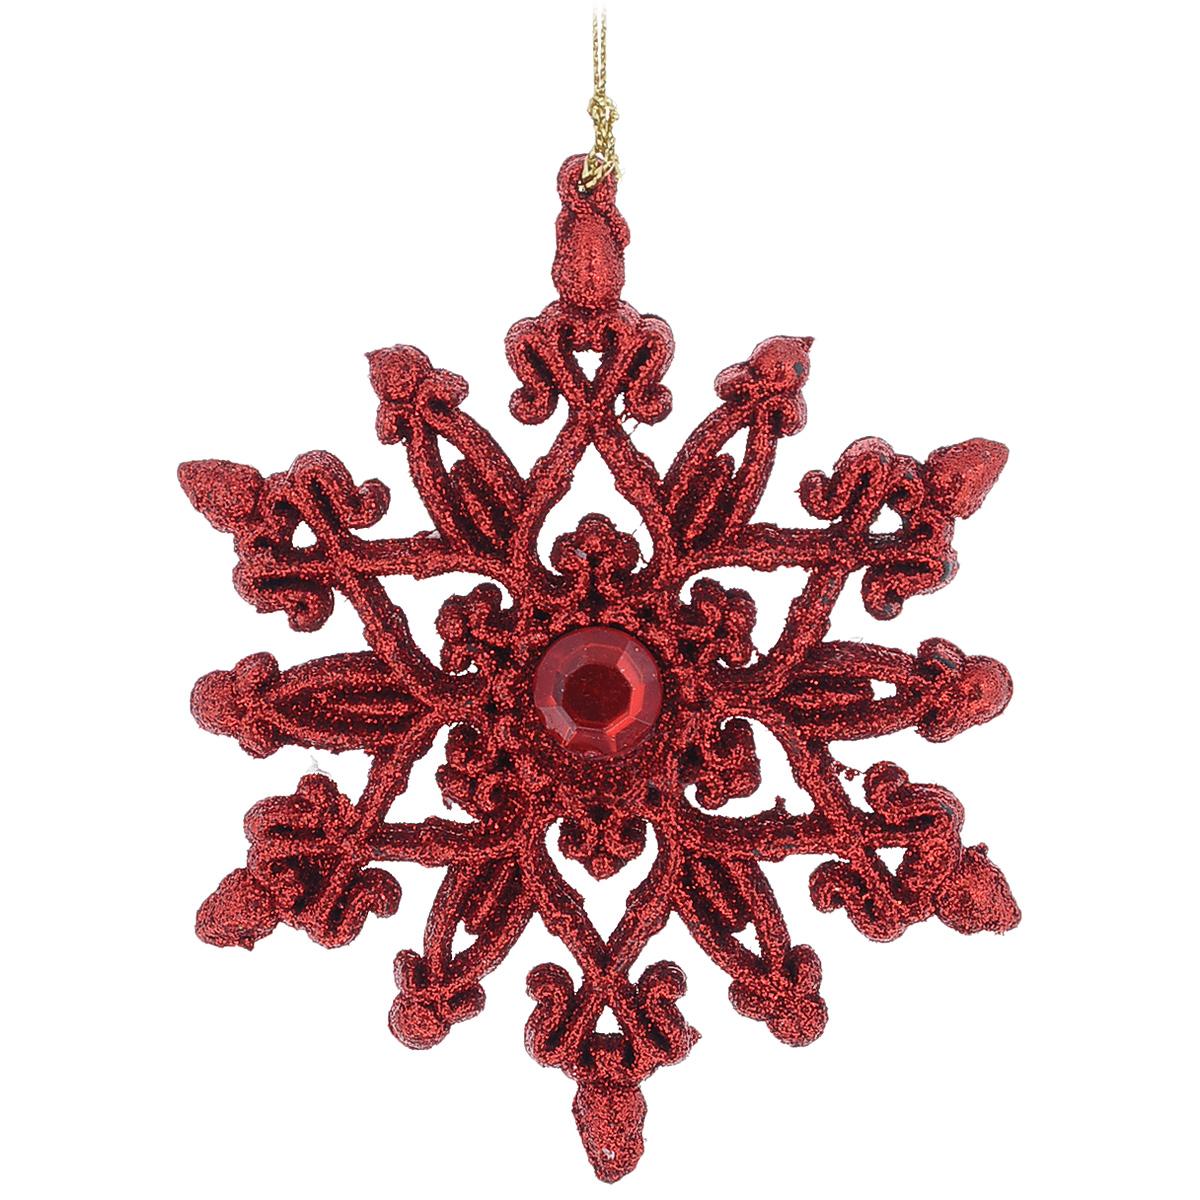 Новогоднее подвесное украшение Снежинка, цвет: красный, 10 см х 11 смRSP-202SОригинальное новогоднее украшение из пластика прекрасно подойдет для праздничного декора дома и новогодней ели. Изделие крепится на елку с помощью металлического зажима.